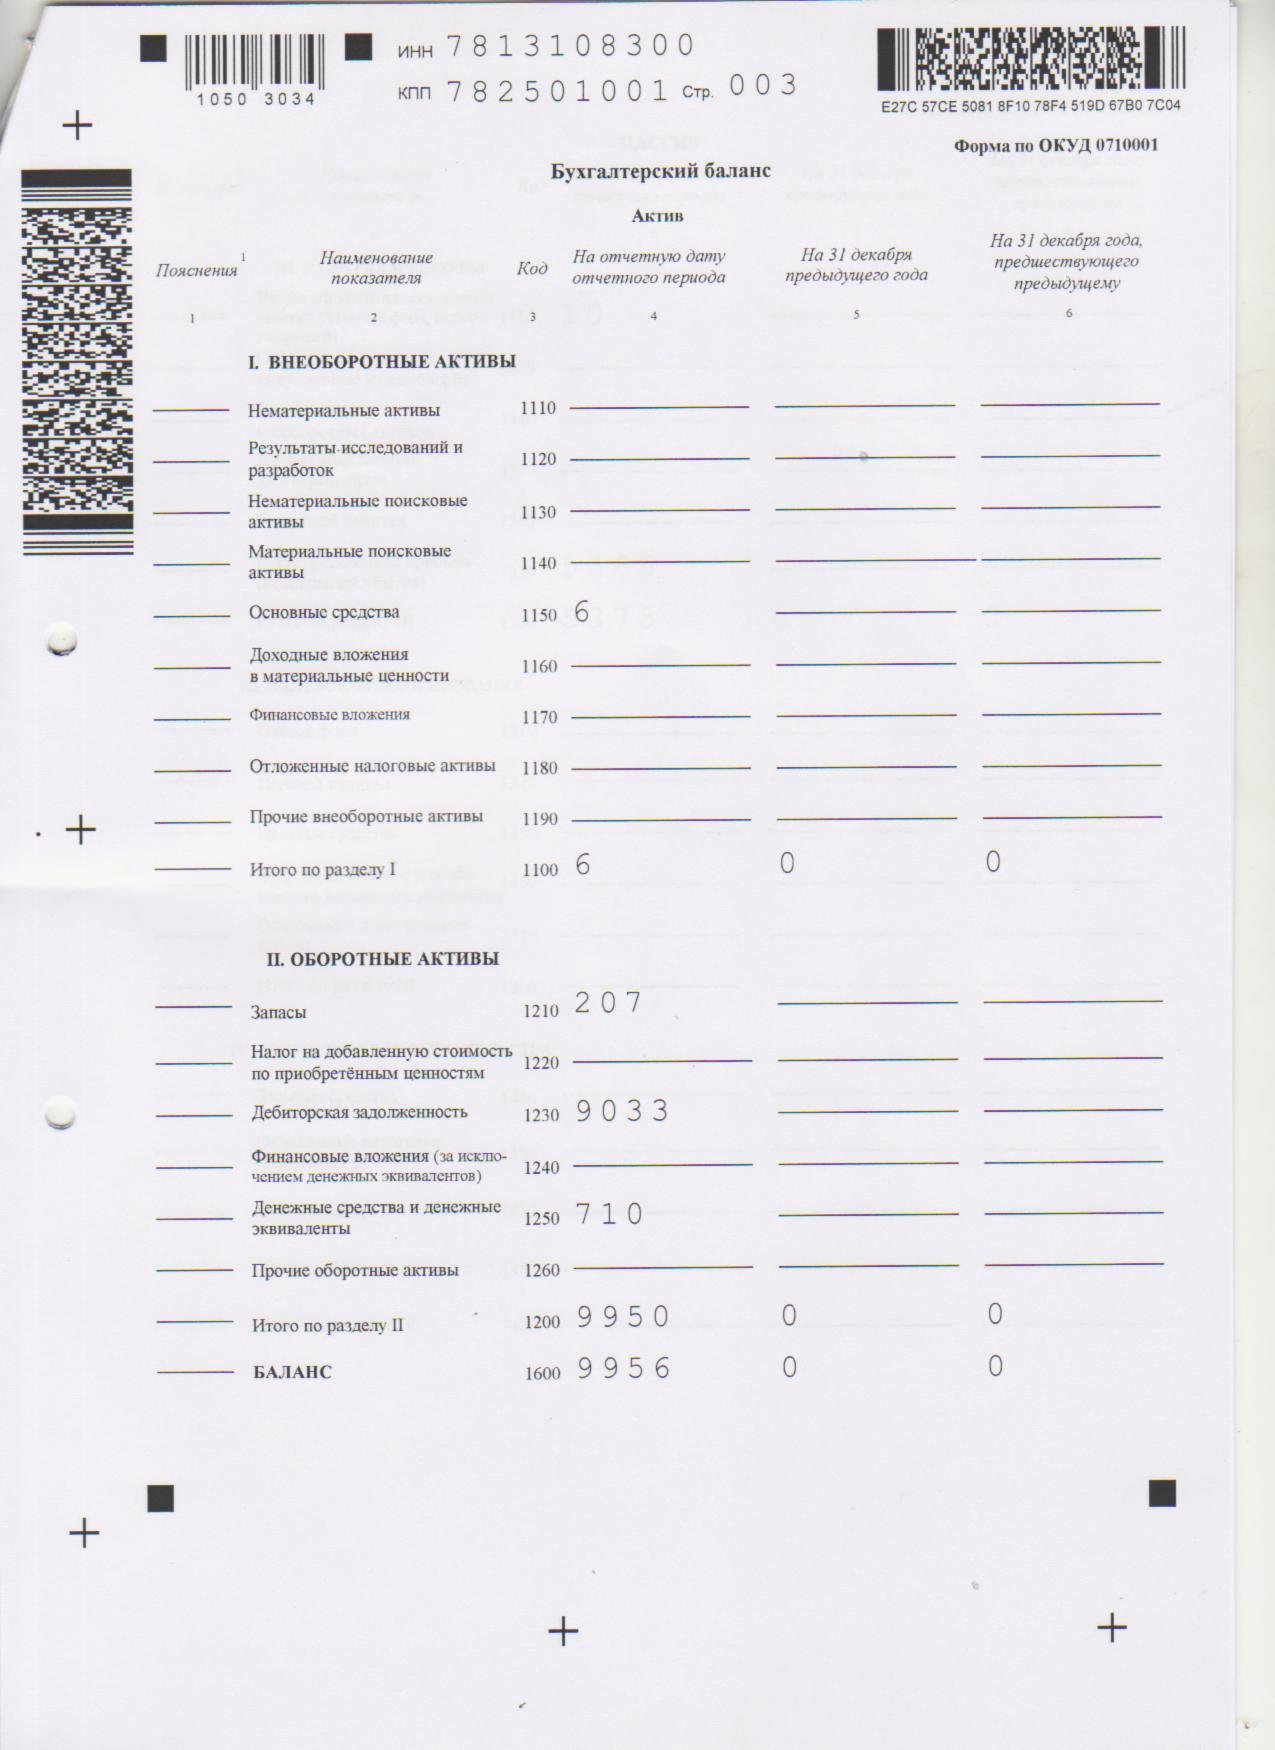 Бухгалтерская отчетность 2012 стр 3